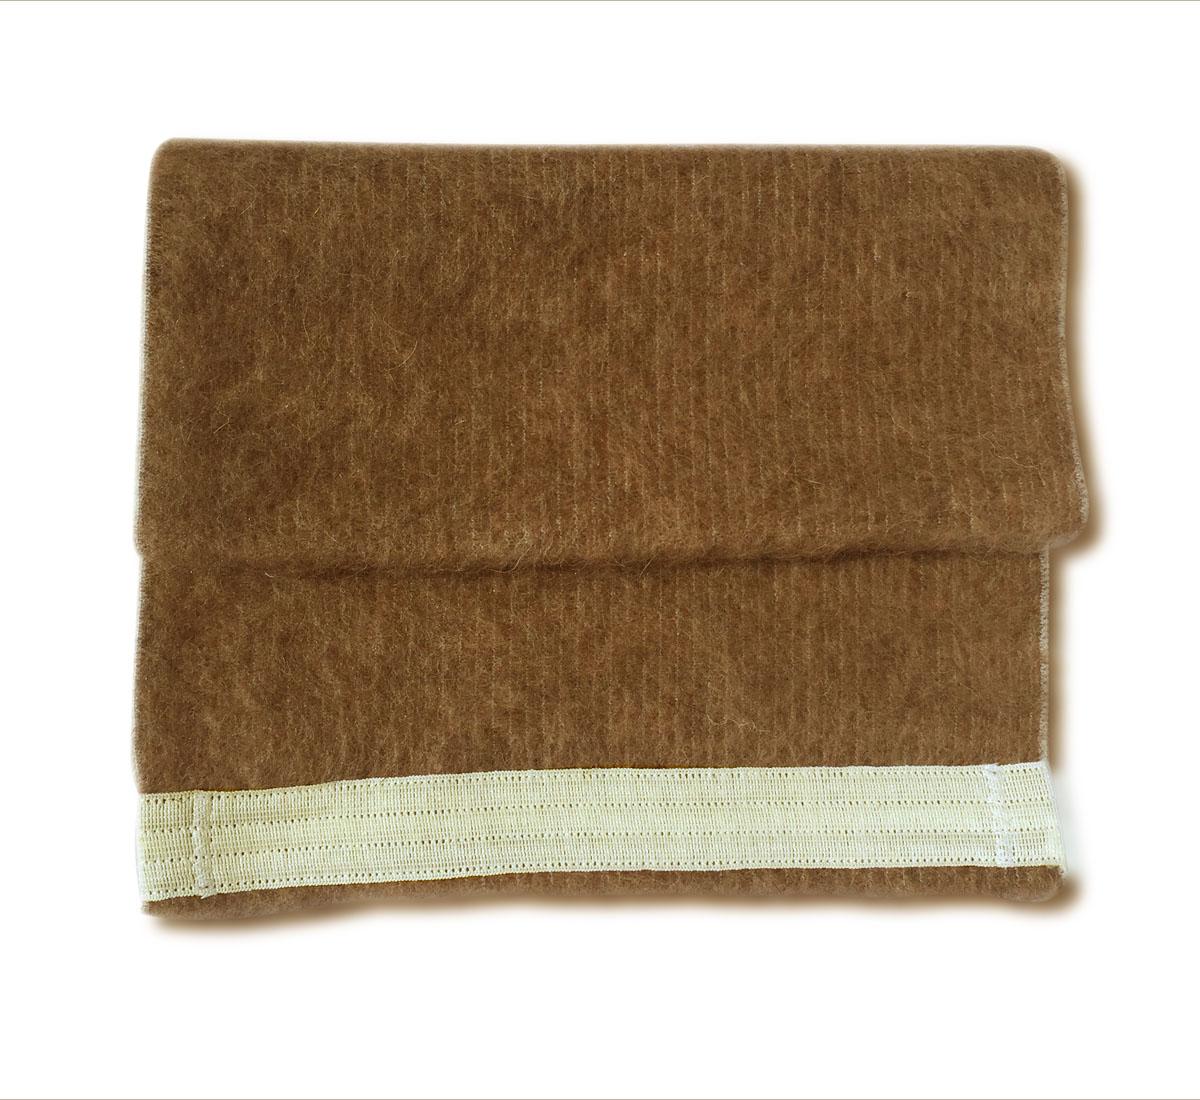 Пояс-бандаж согревающий, верблюжья шерсть, размер 3 (талия 76-81) (ИМН)